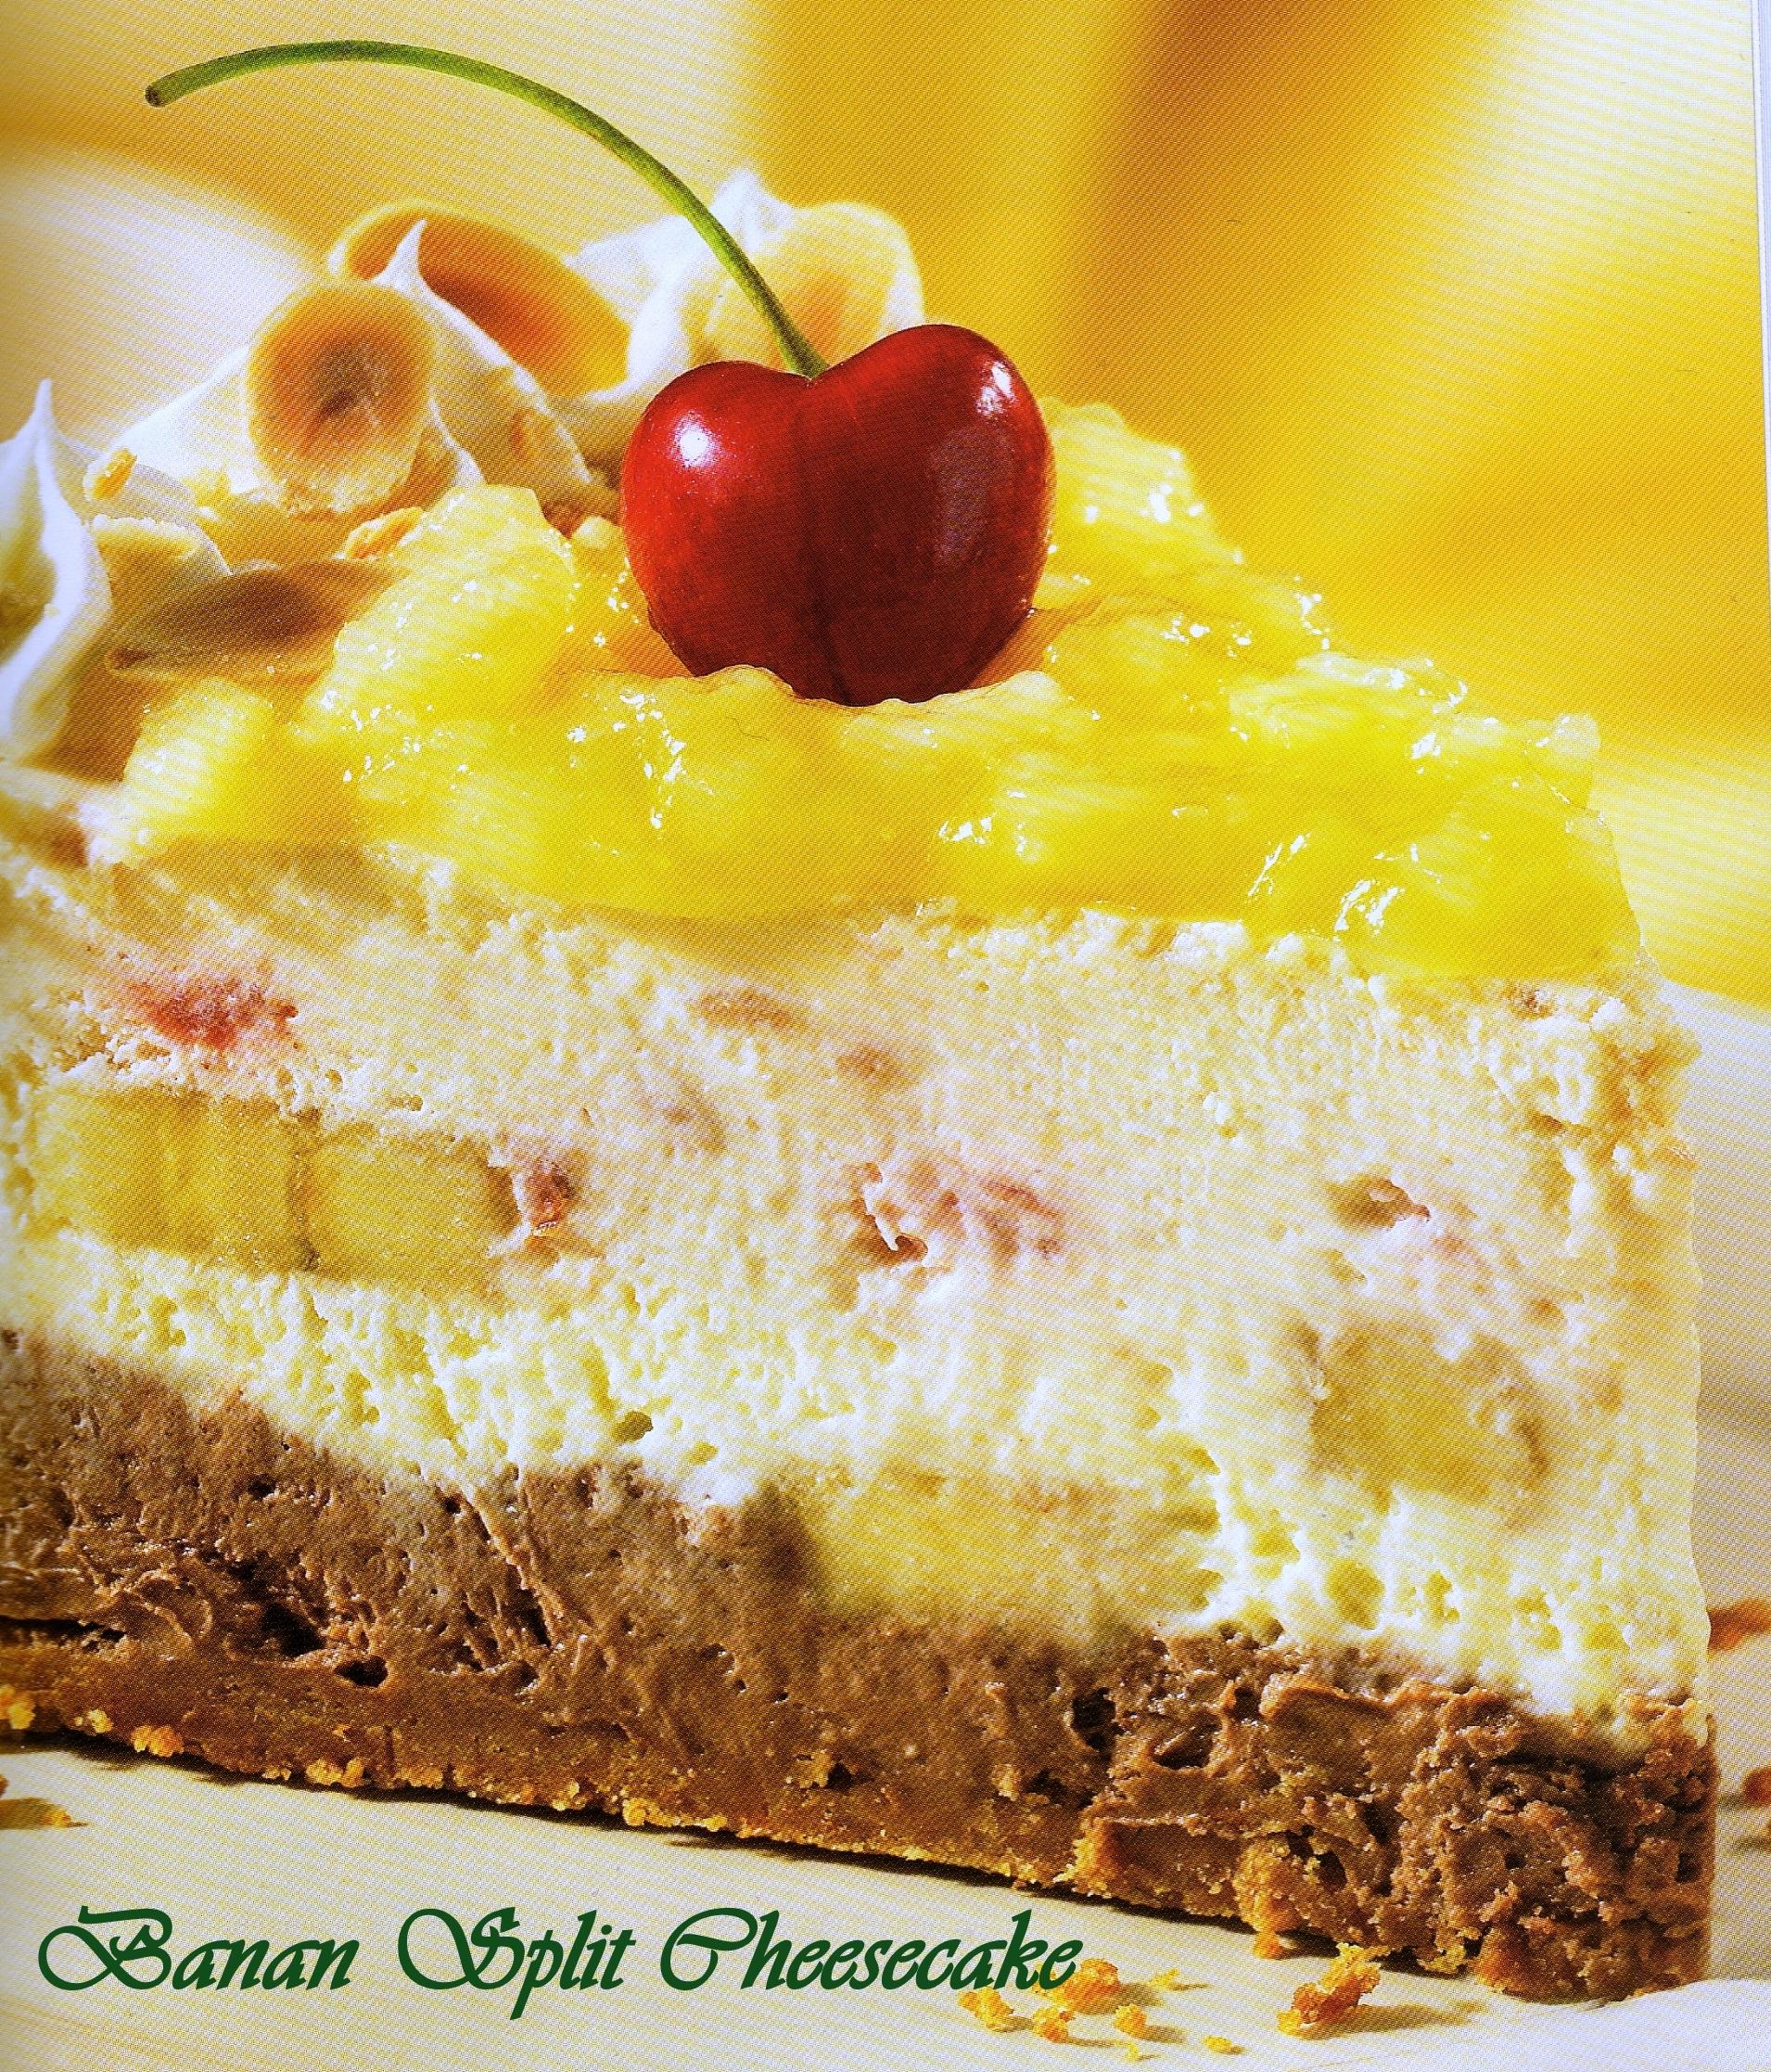 cheesecake utan ägg